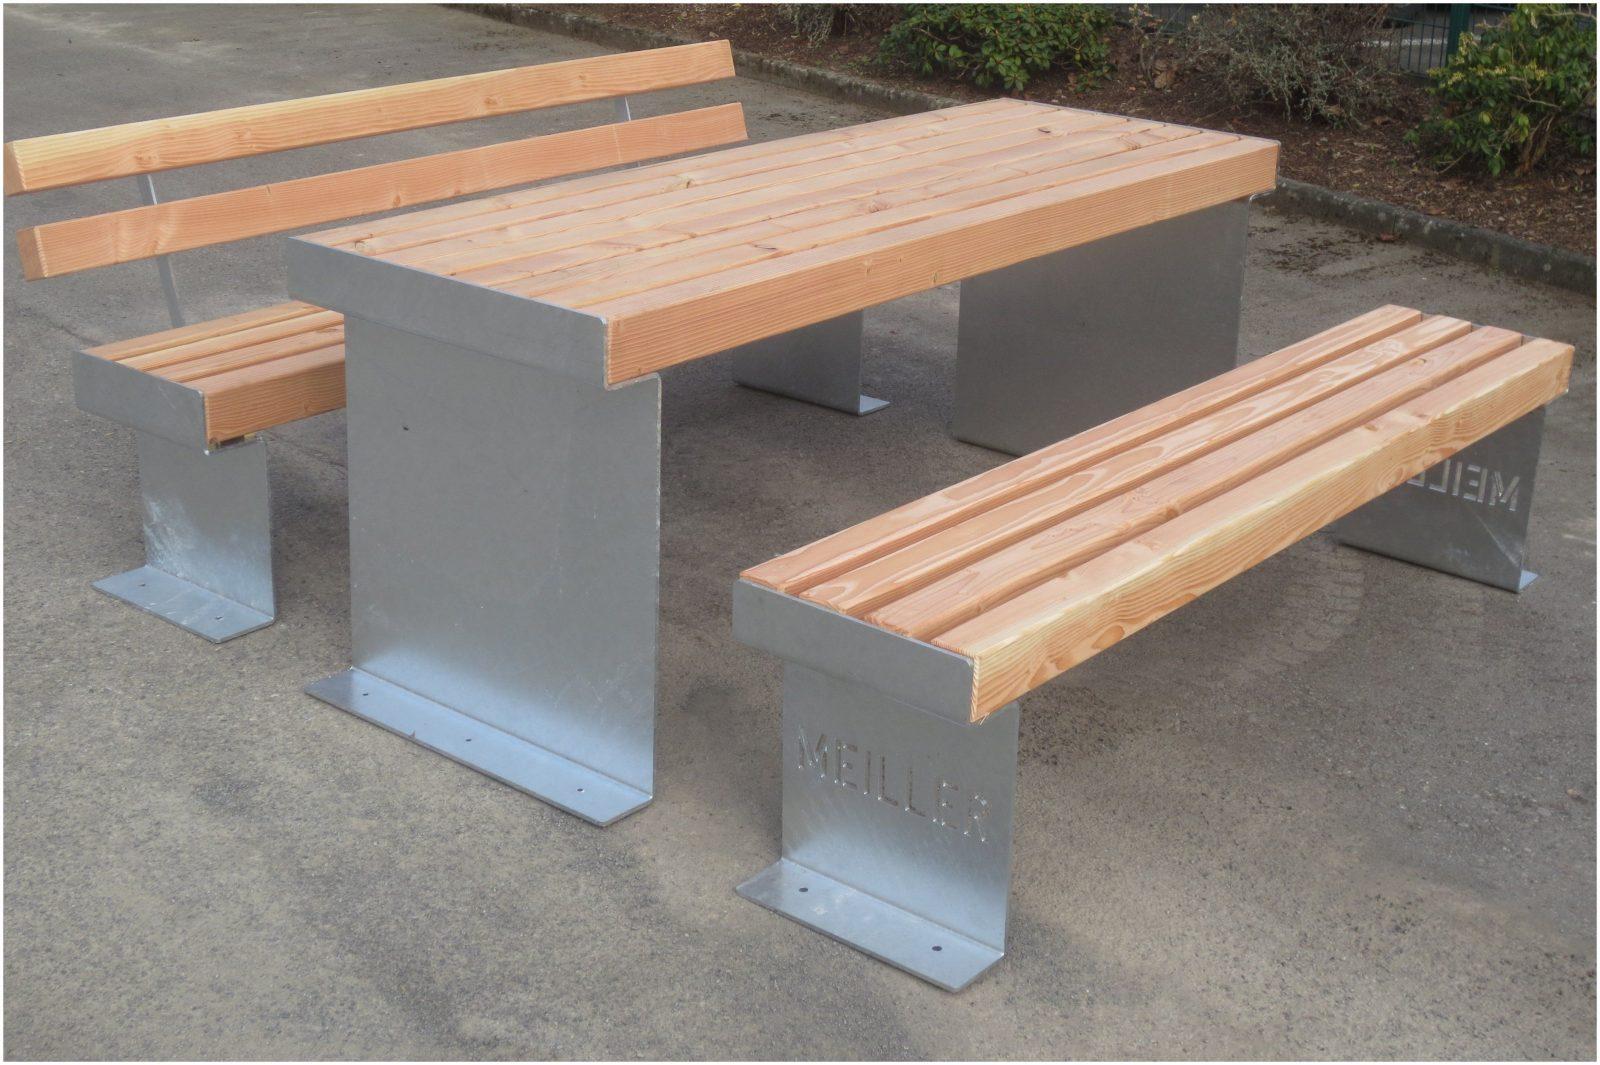 Schön Sitzbank Tisch Kombination Fotos Von Tisch Dekoratives 586334 von Bank Tisch Kombination Holz Bild